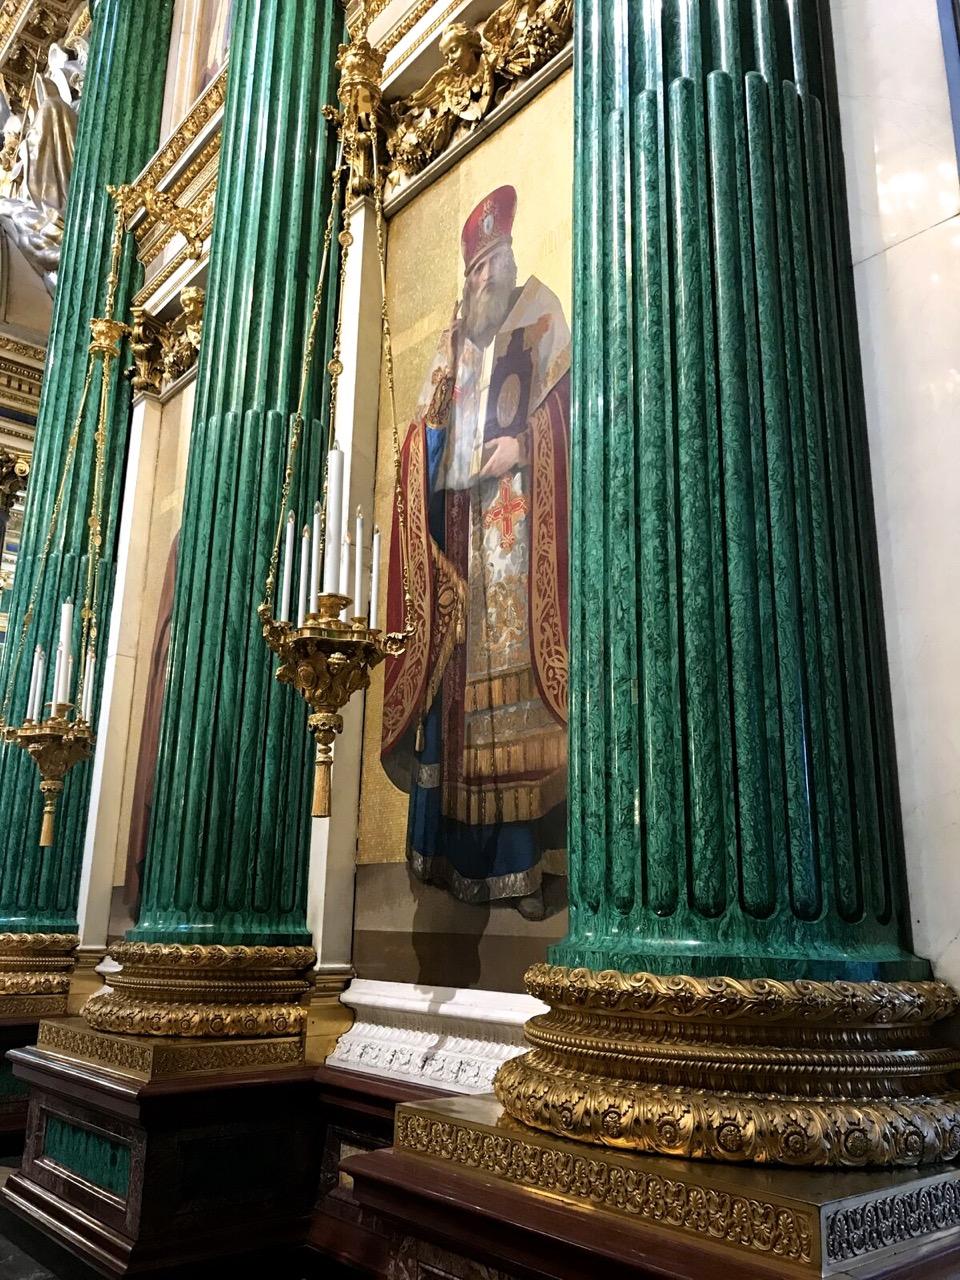 teri_St.Petersburg_St.Isaacs_Churchofspilledblood_travel_spiritedtable_photo19.jpg